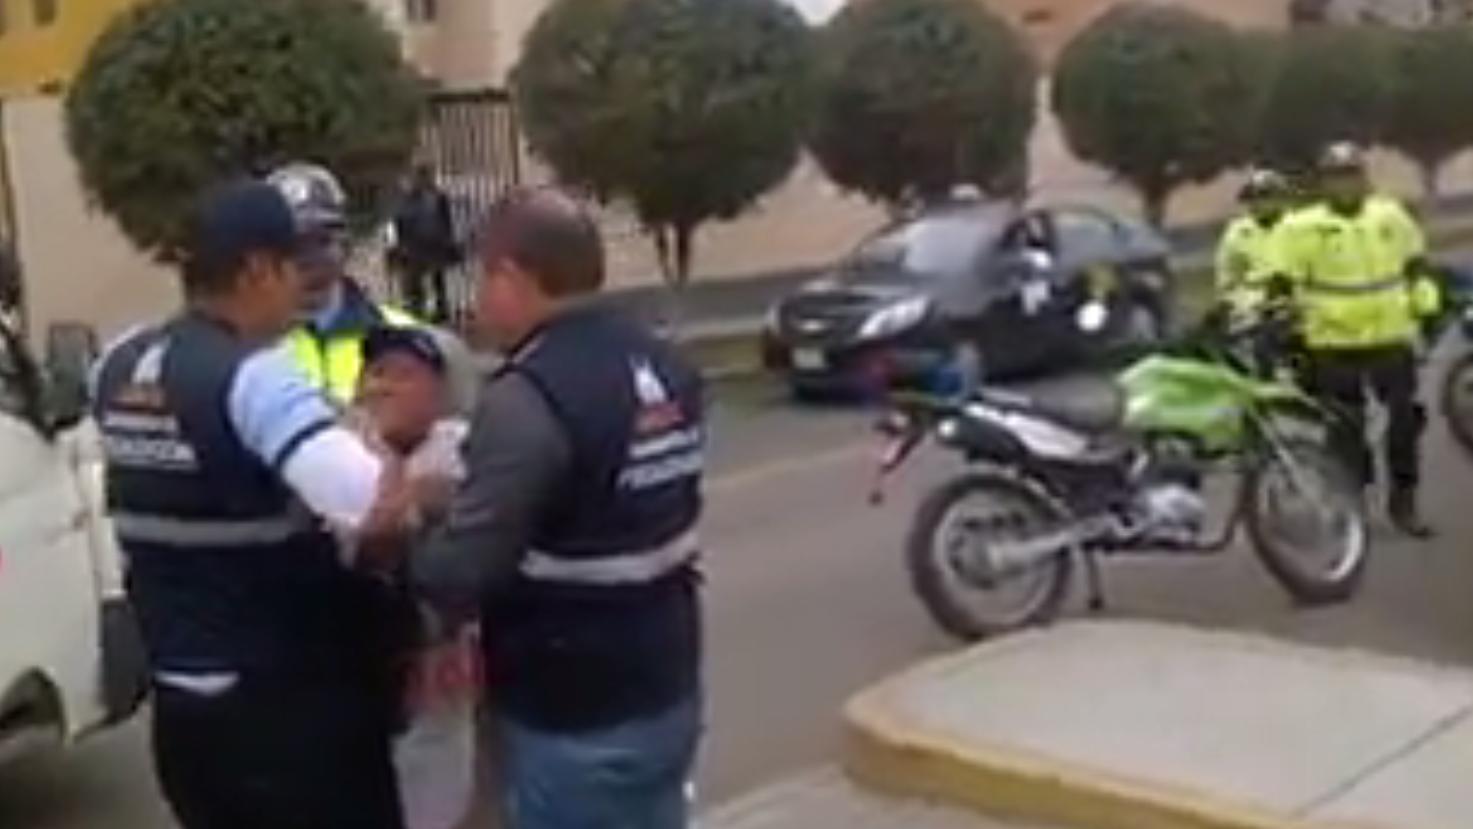 El video en donde se observa a agentes de la Municipalidad de Surco maltratar a una adulta mayor generó la indignación de los usuarios de Facebook.